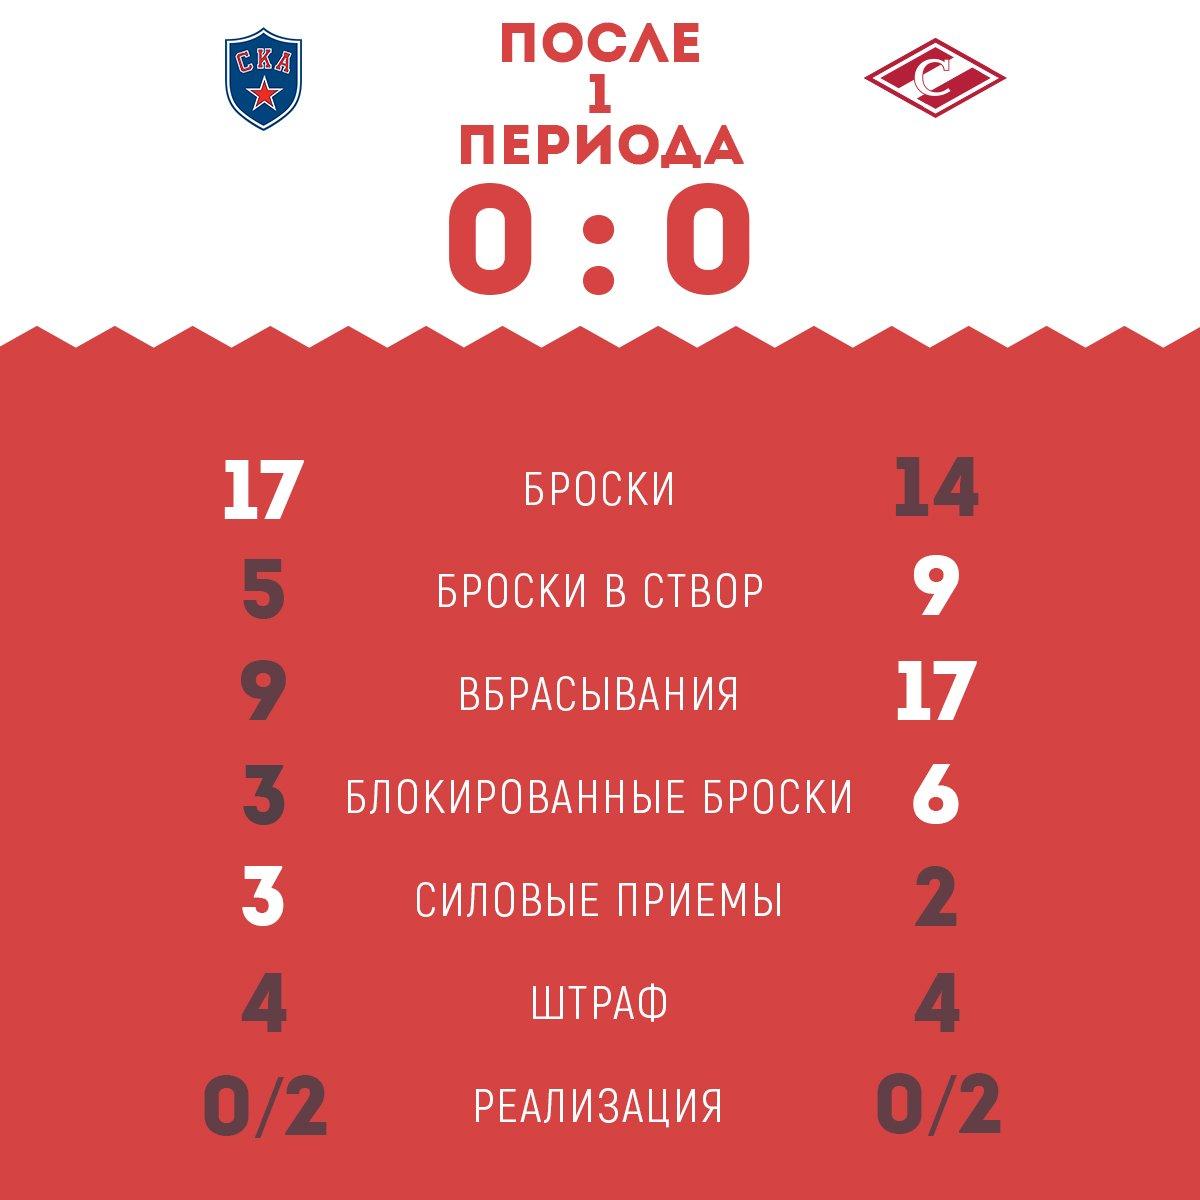 Статистика 1-го периода СКА vs «Спартак»